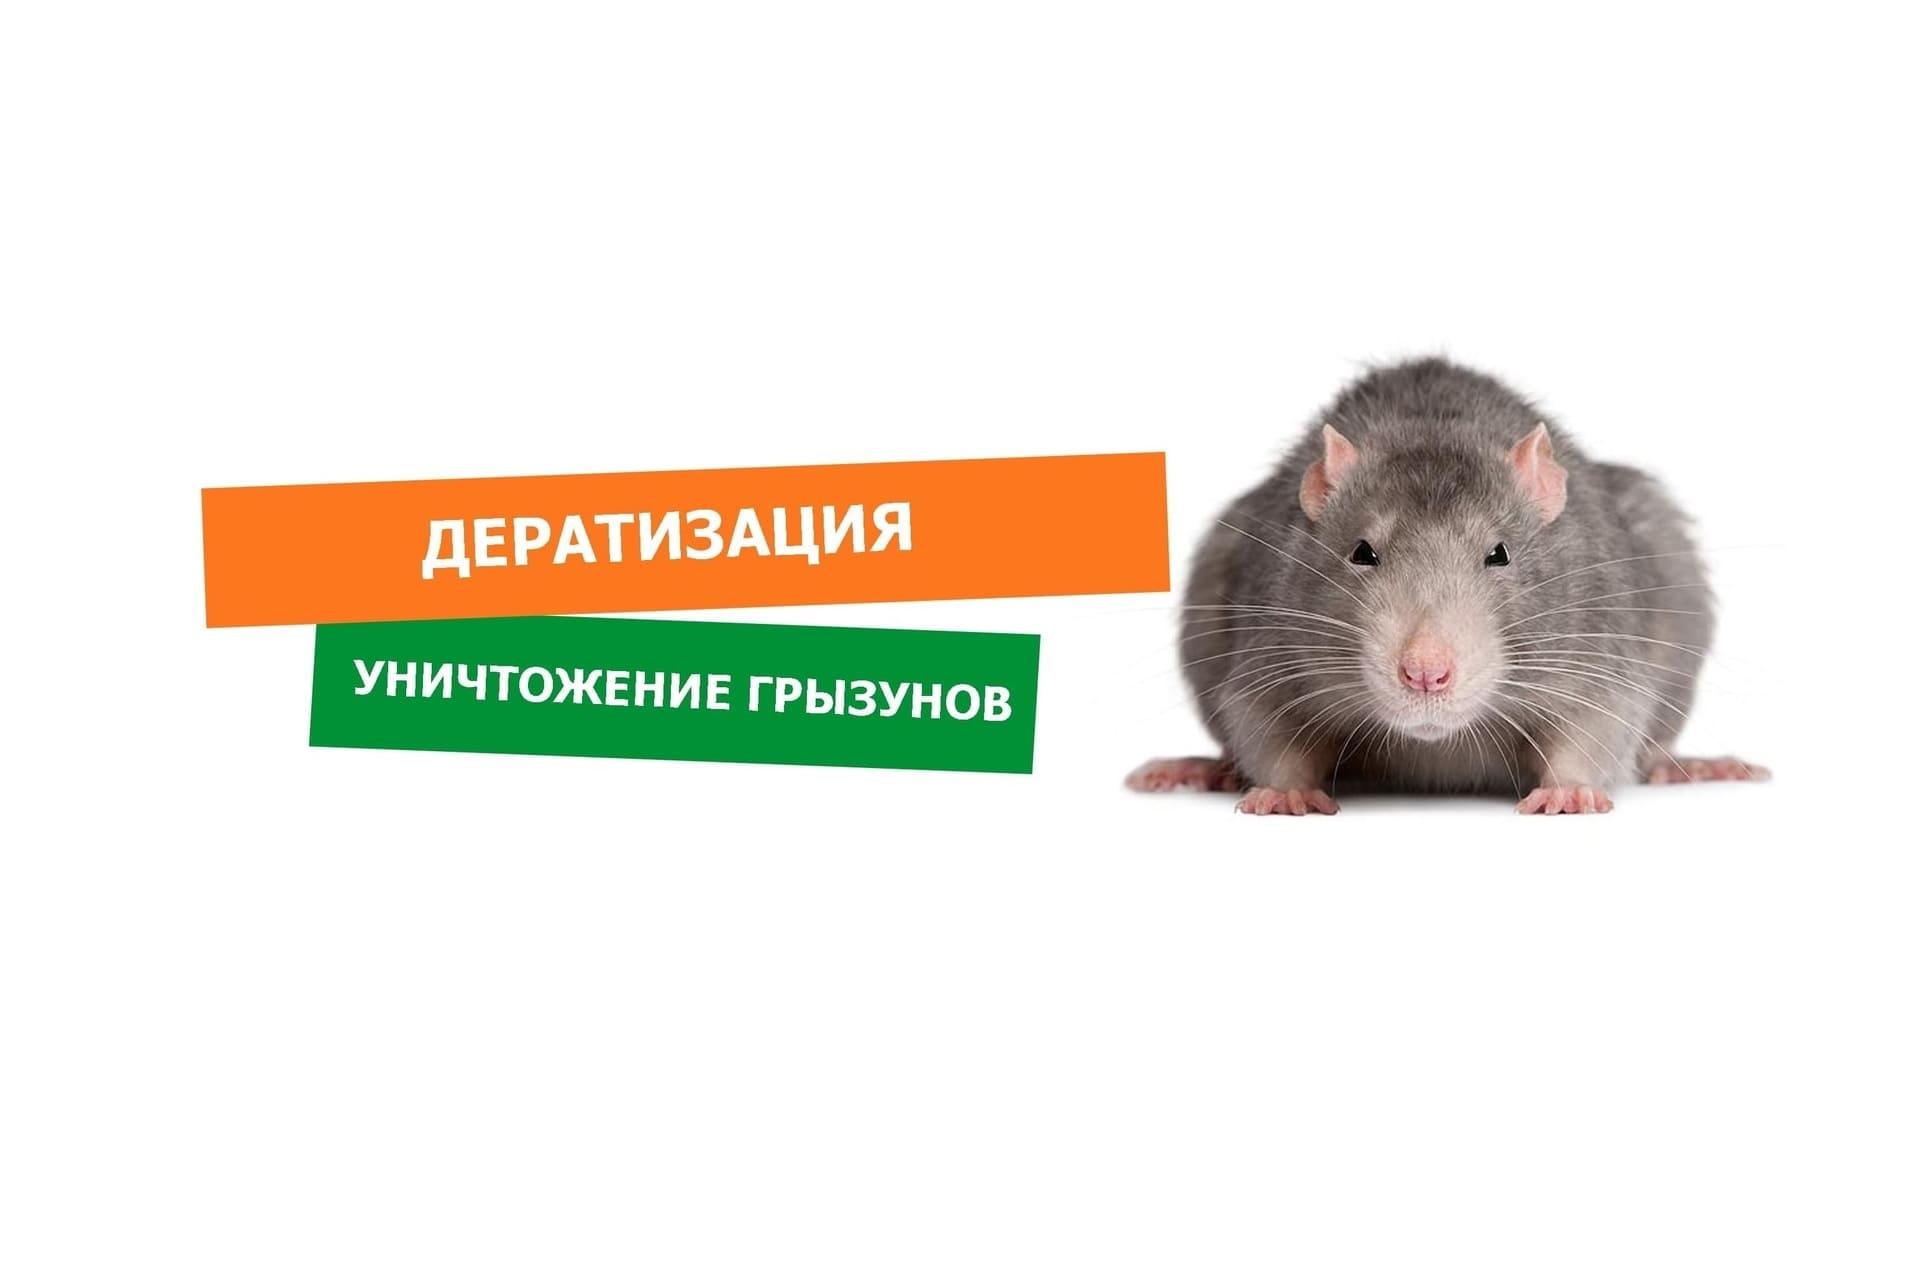 Дератизации в Краснодаре и крае